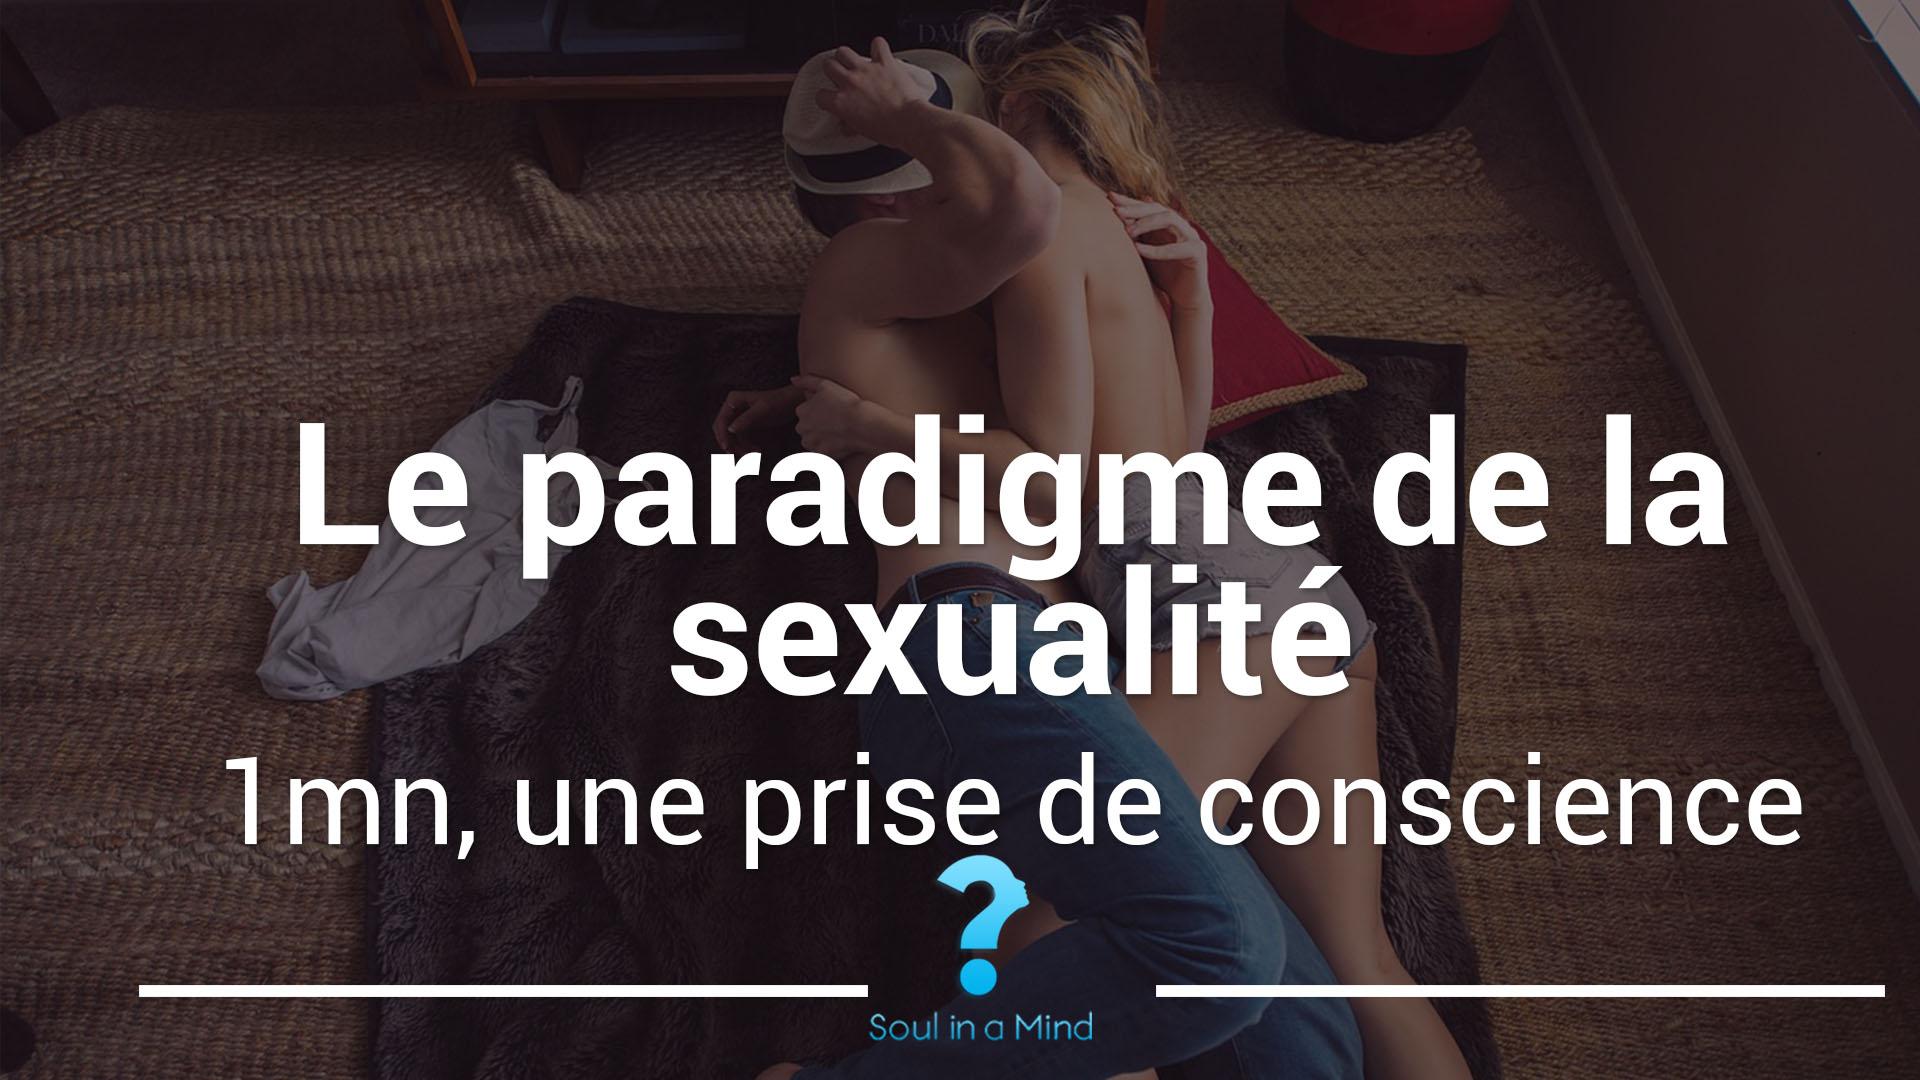 Le paradigme de la sexualité